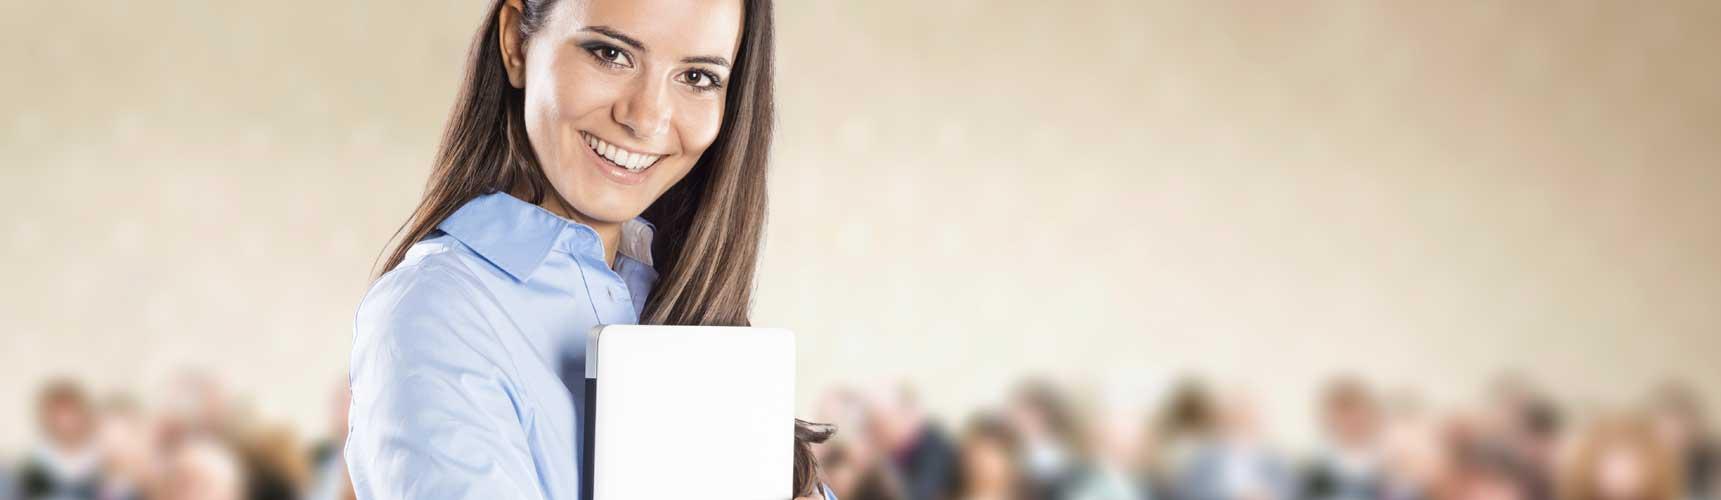 curso de gestión de organización y gestión de eventos